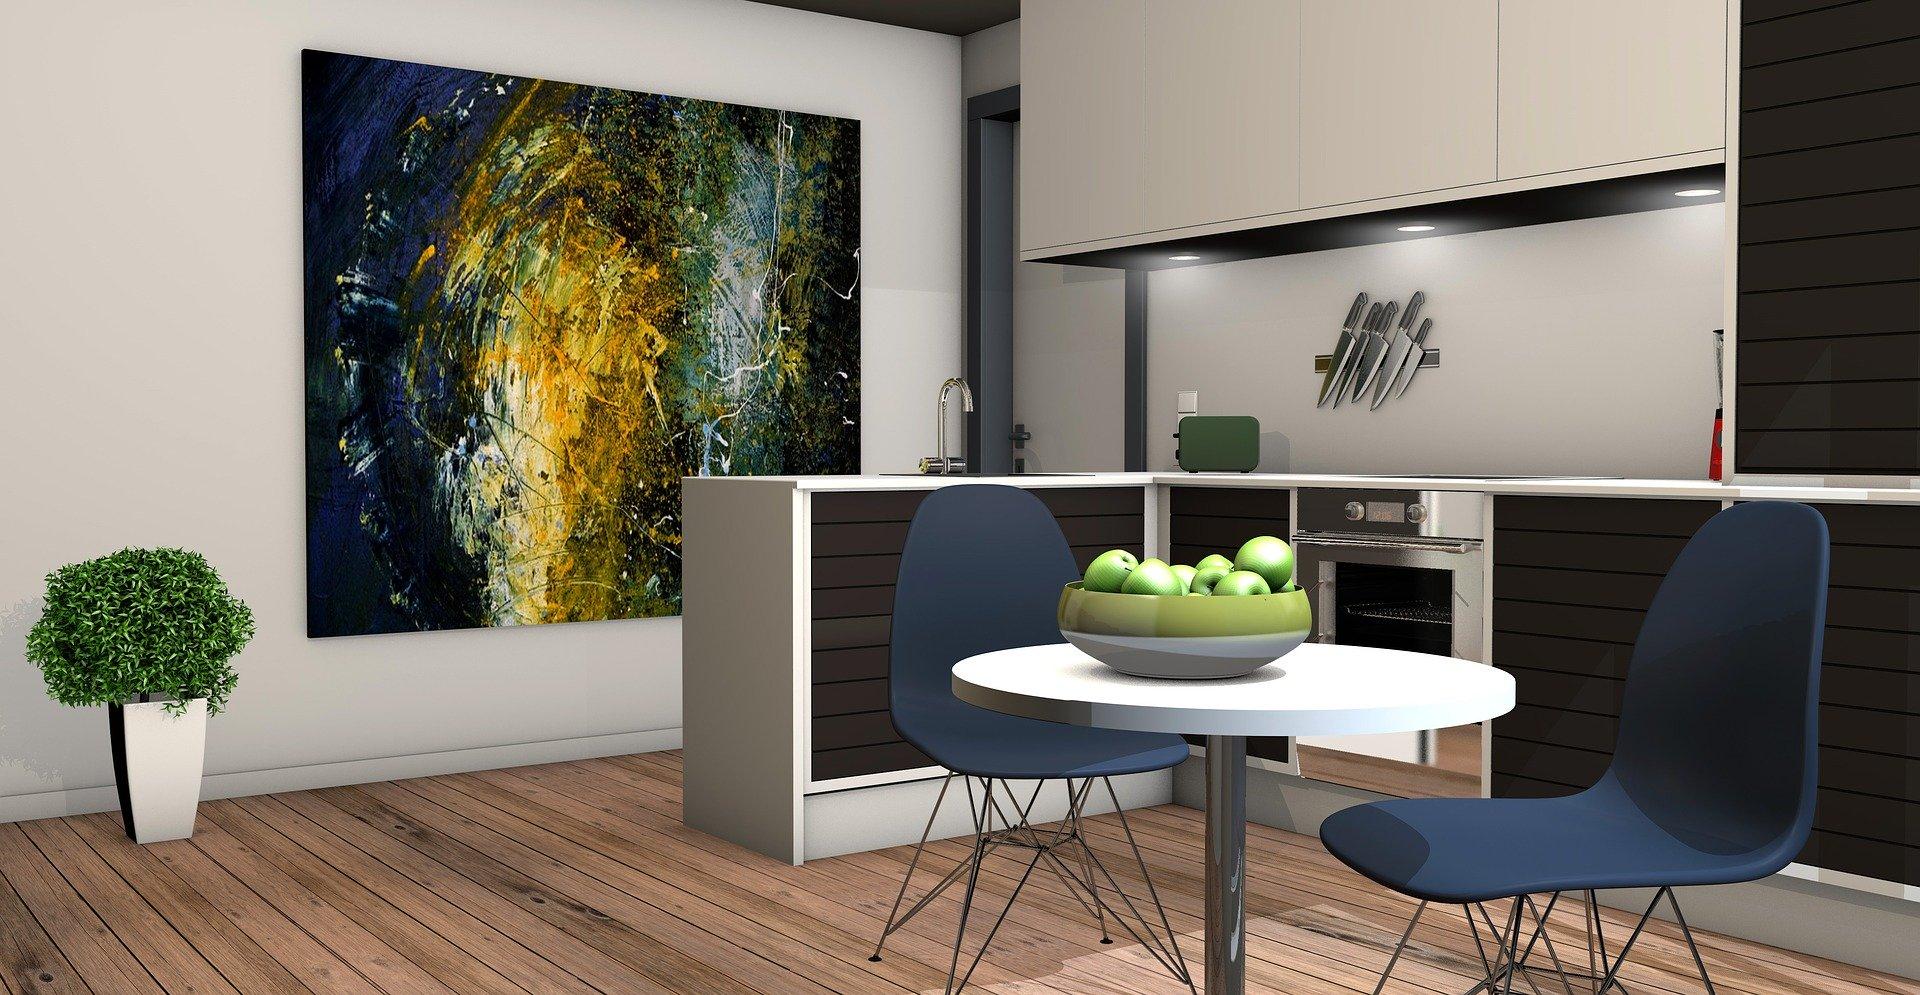 Új lakópark épül Körmendnél